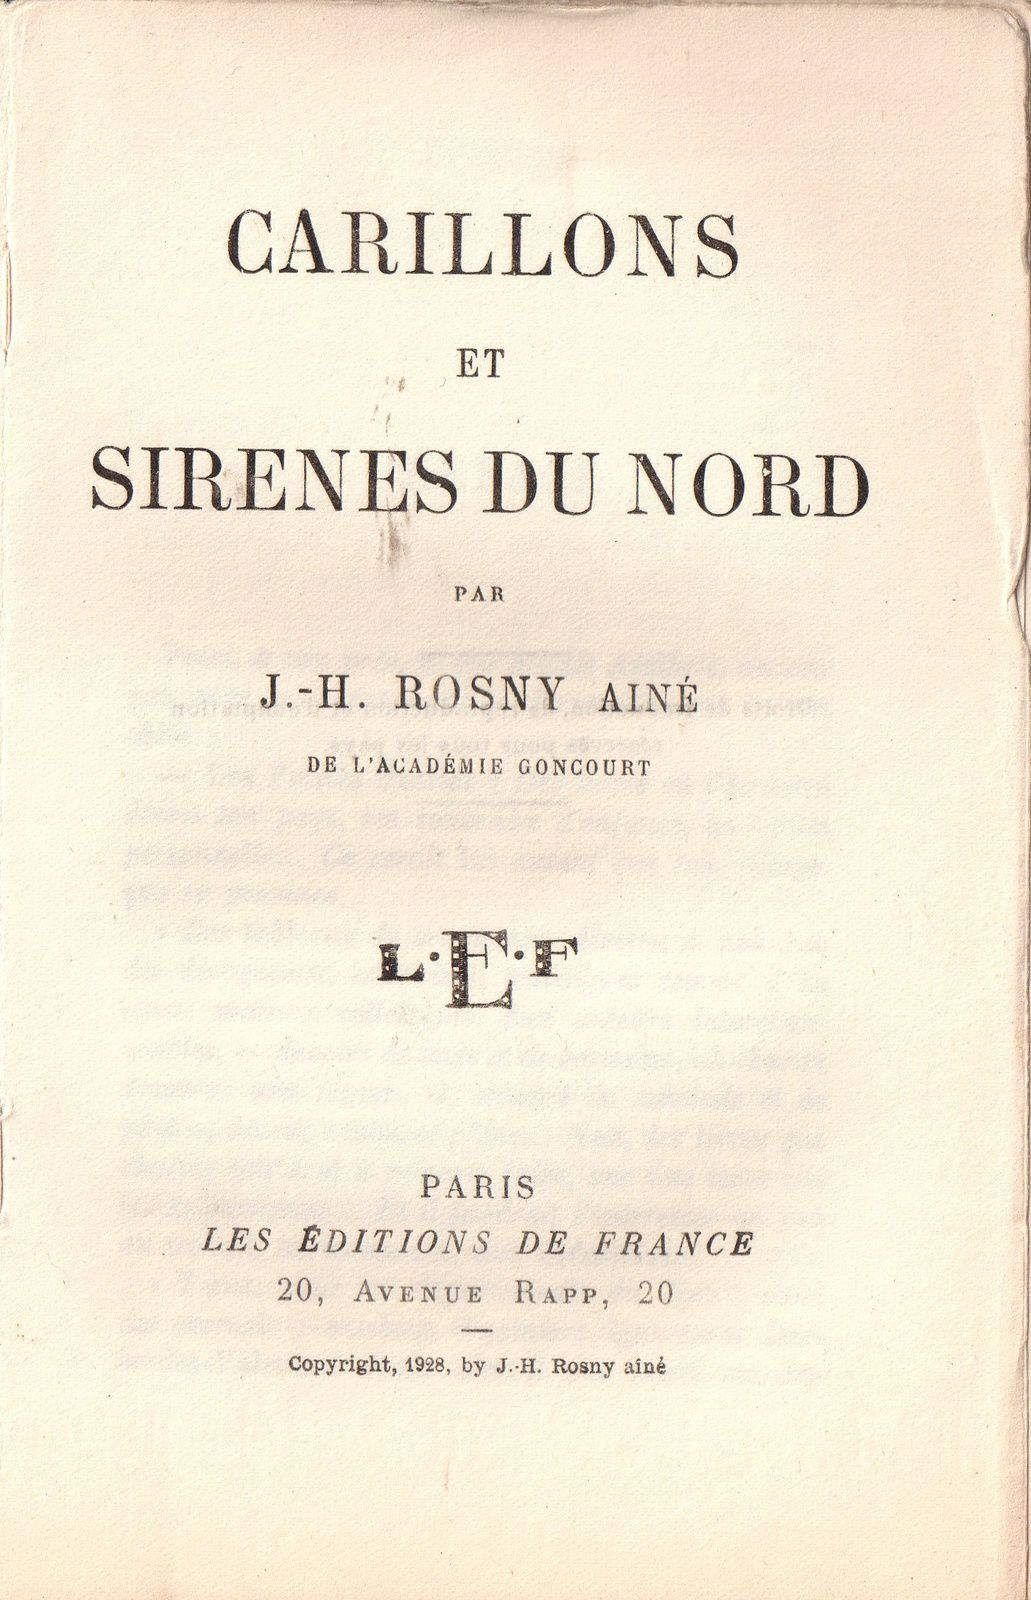 """J.-H. Rosny aîné """"Carillons et Sirènes du Nord """" (Editions de France - 1928) [Papier alfa]"""